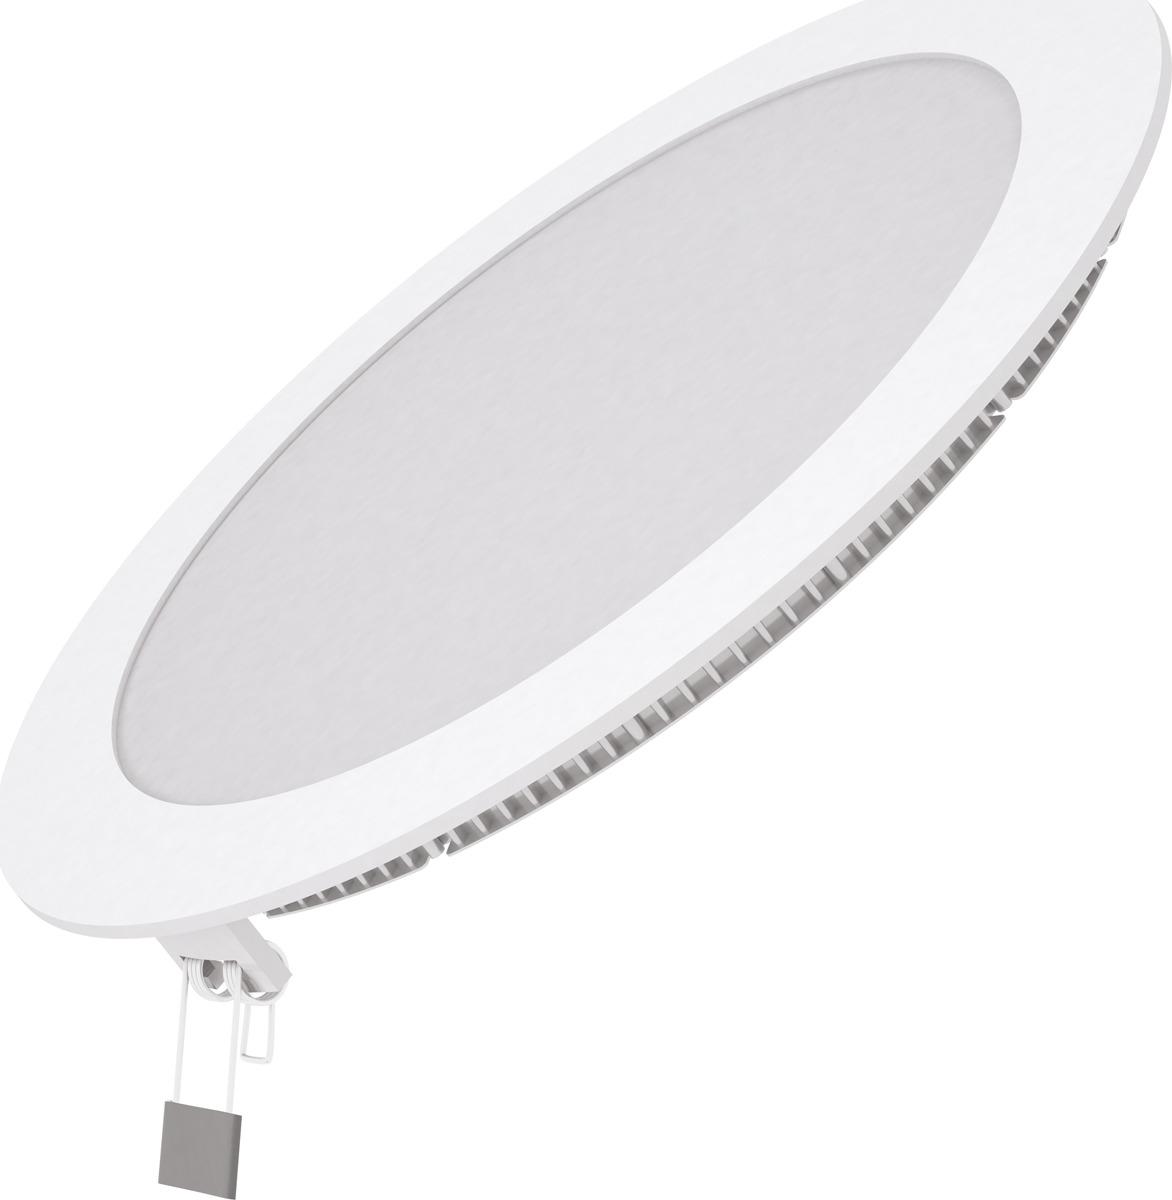 цены на Встраиваемый светильник Gauss светодиодный встраиваемый, ультратонкий, круглый, 18 Вт  в интернет-магазинах